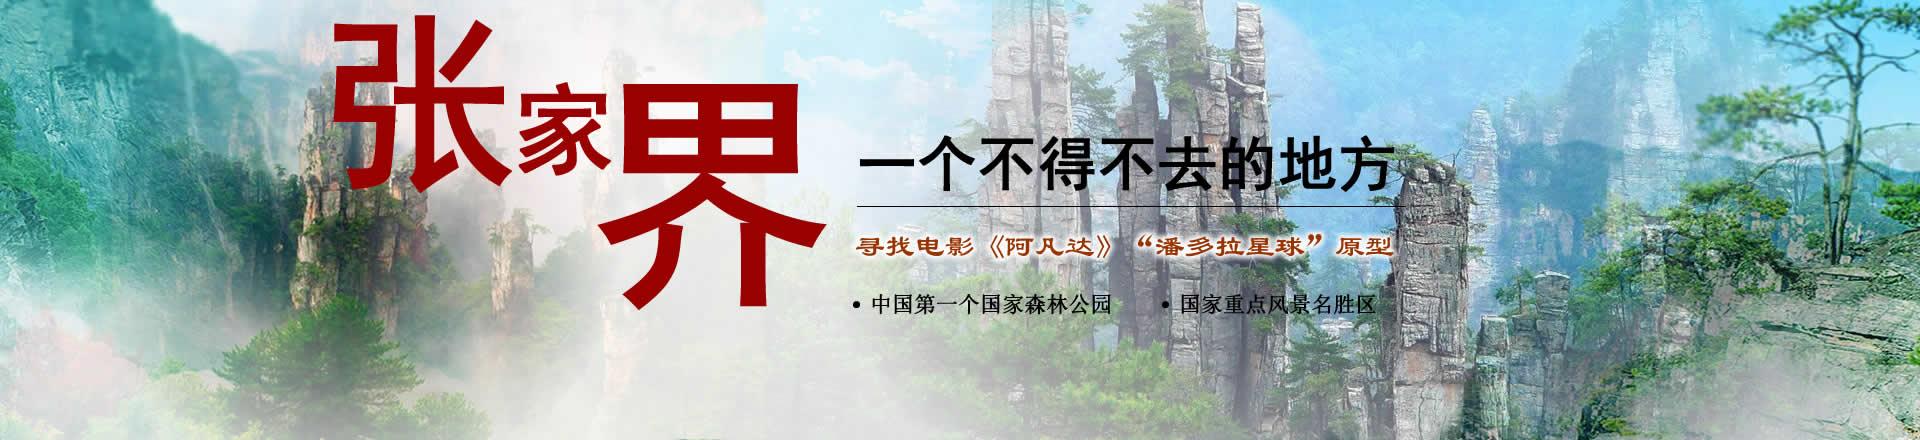 beplayer体育官网